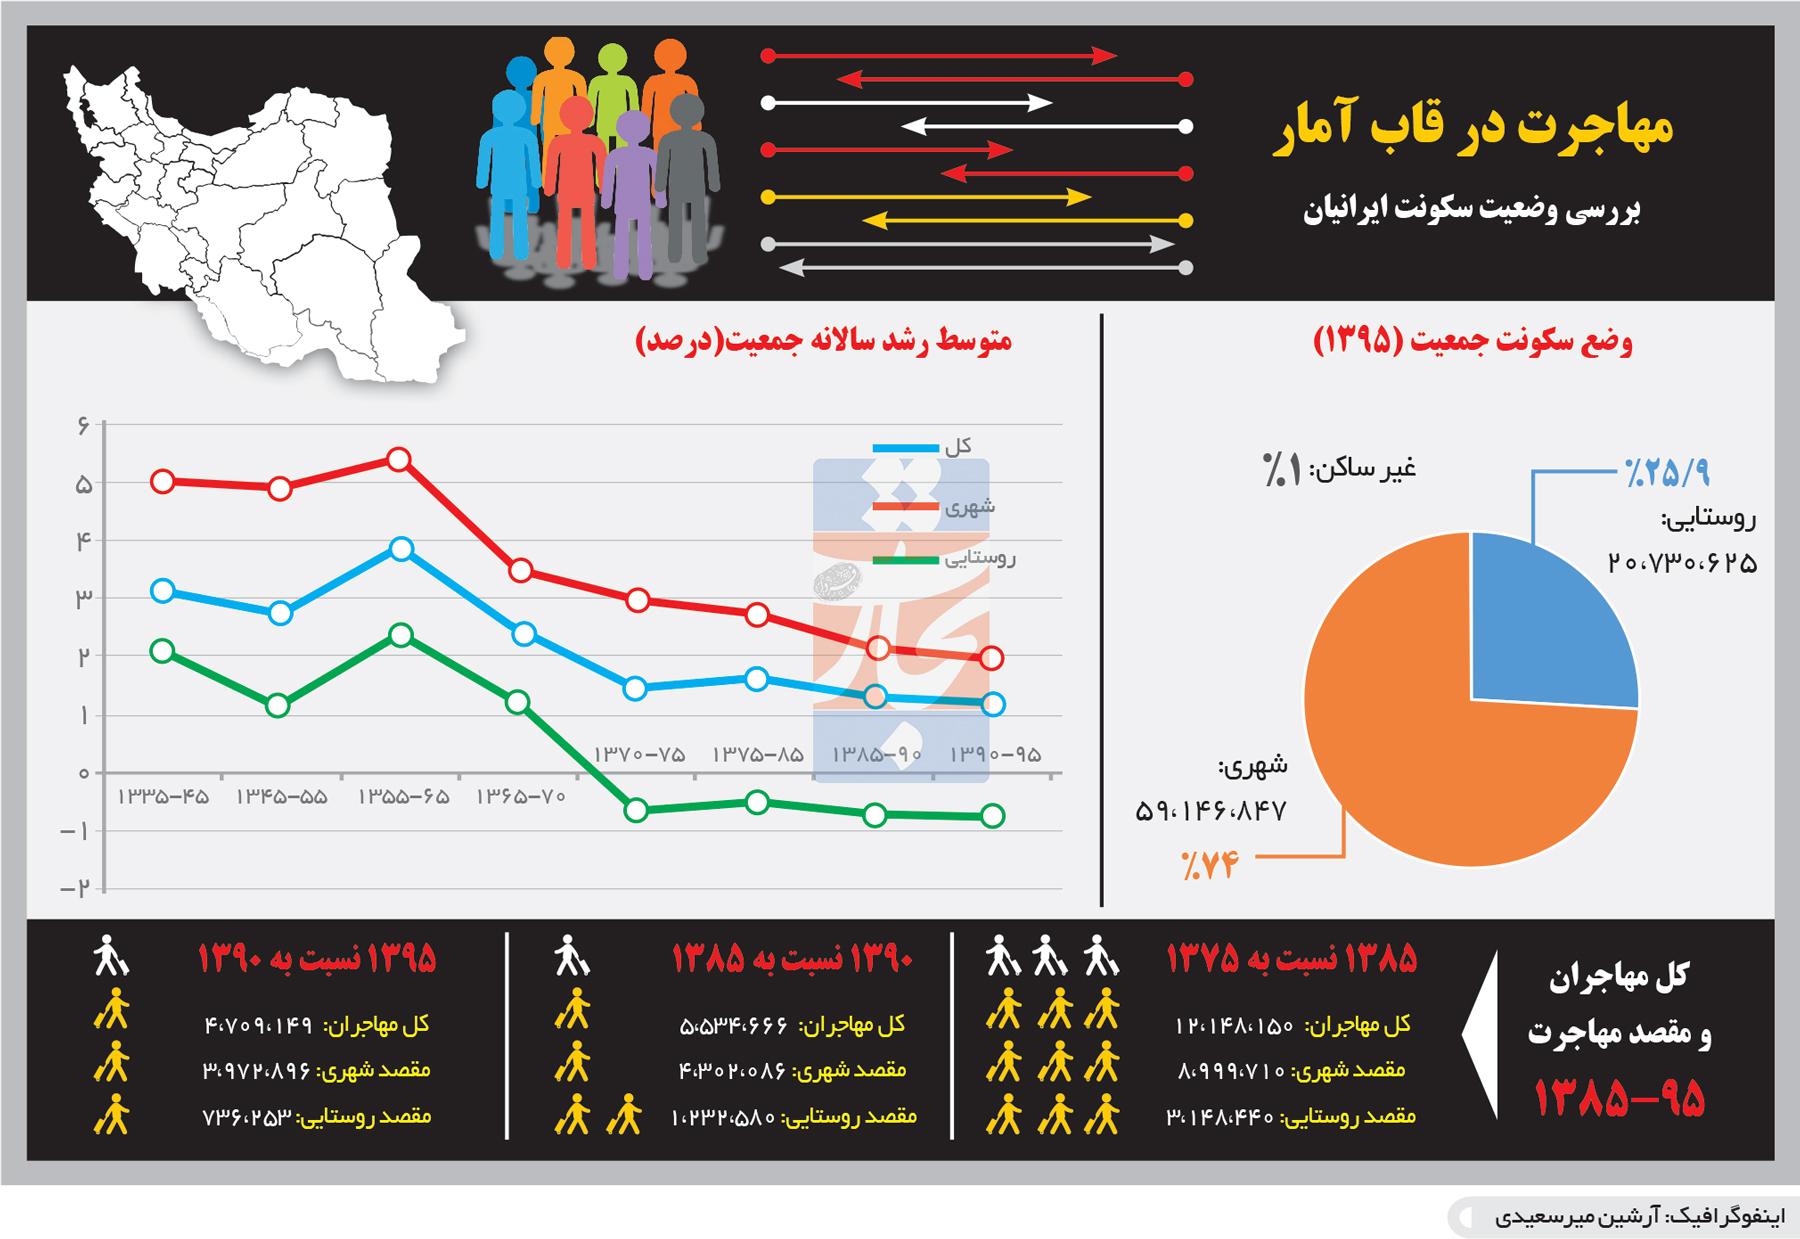 تجارت- فردا- مهاجرت در قاب آمار(اینفوگرافیک)